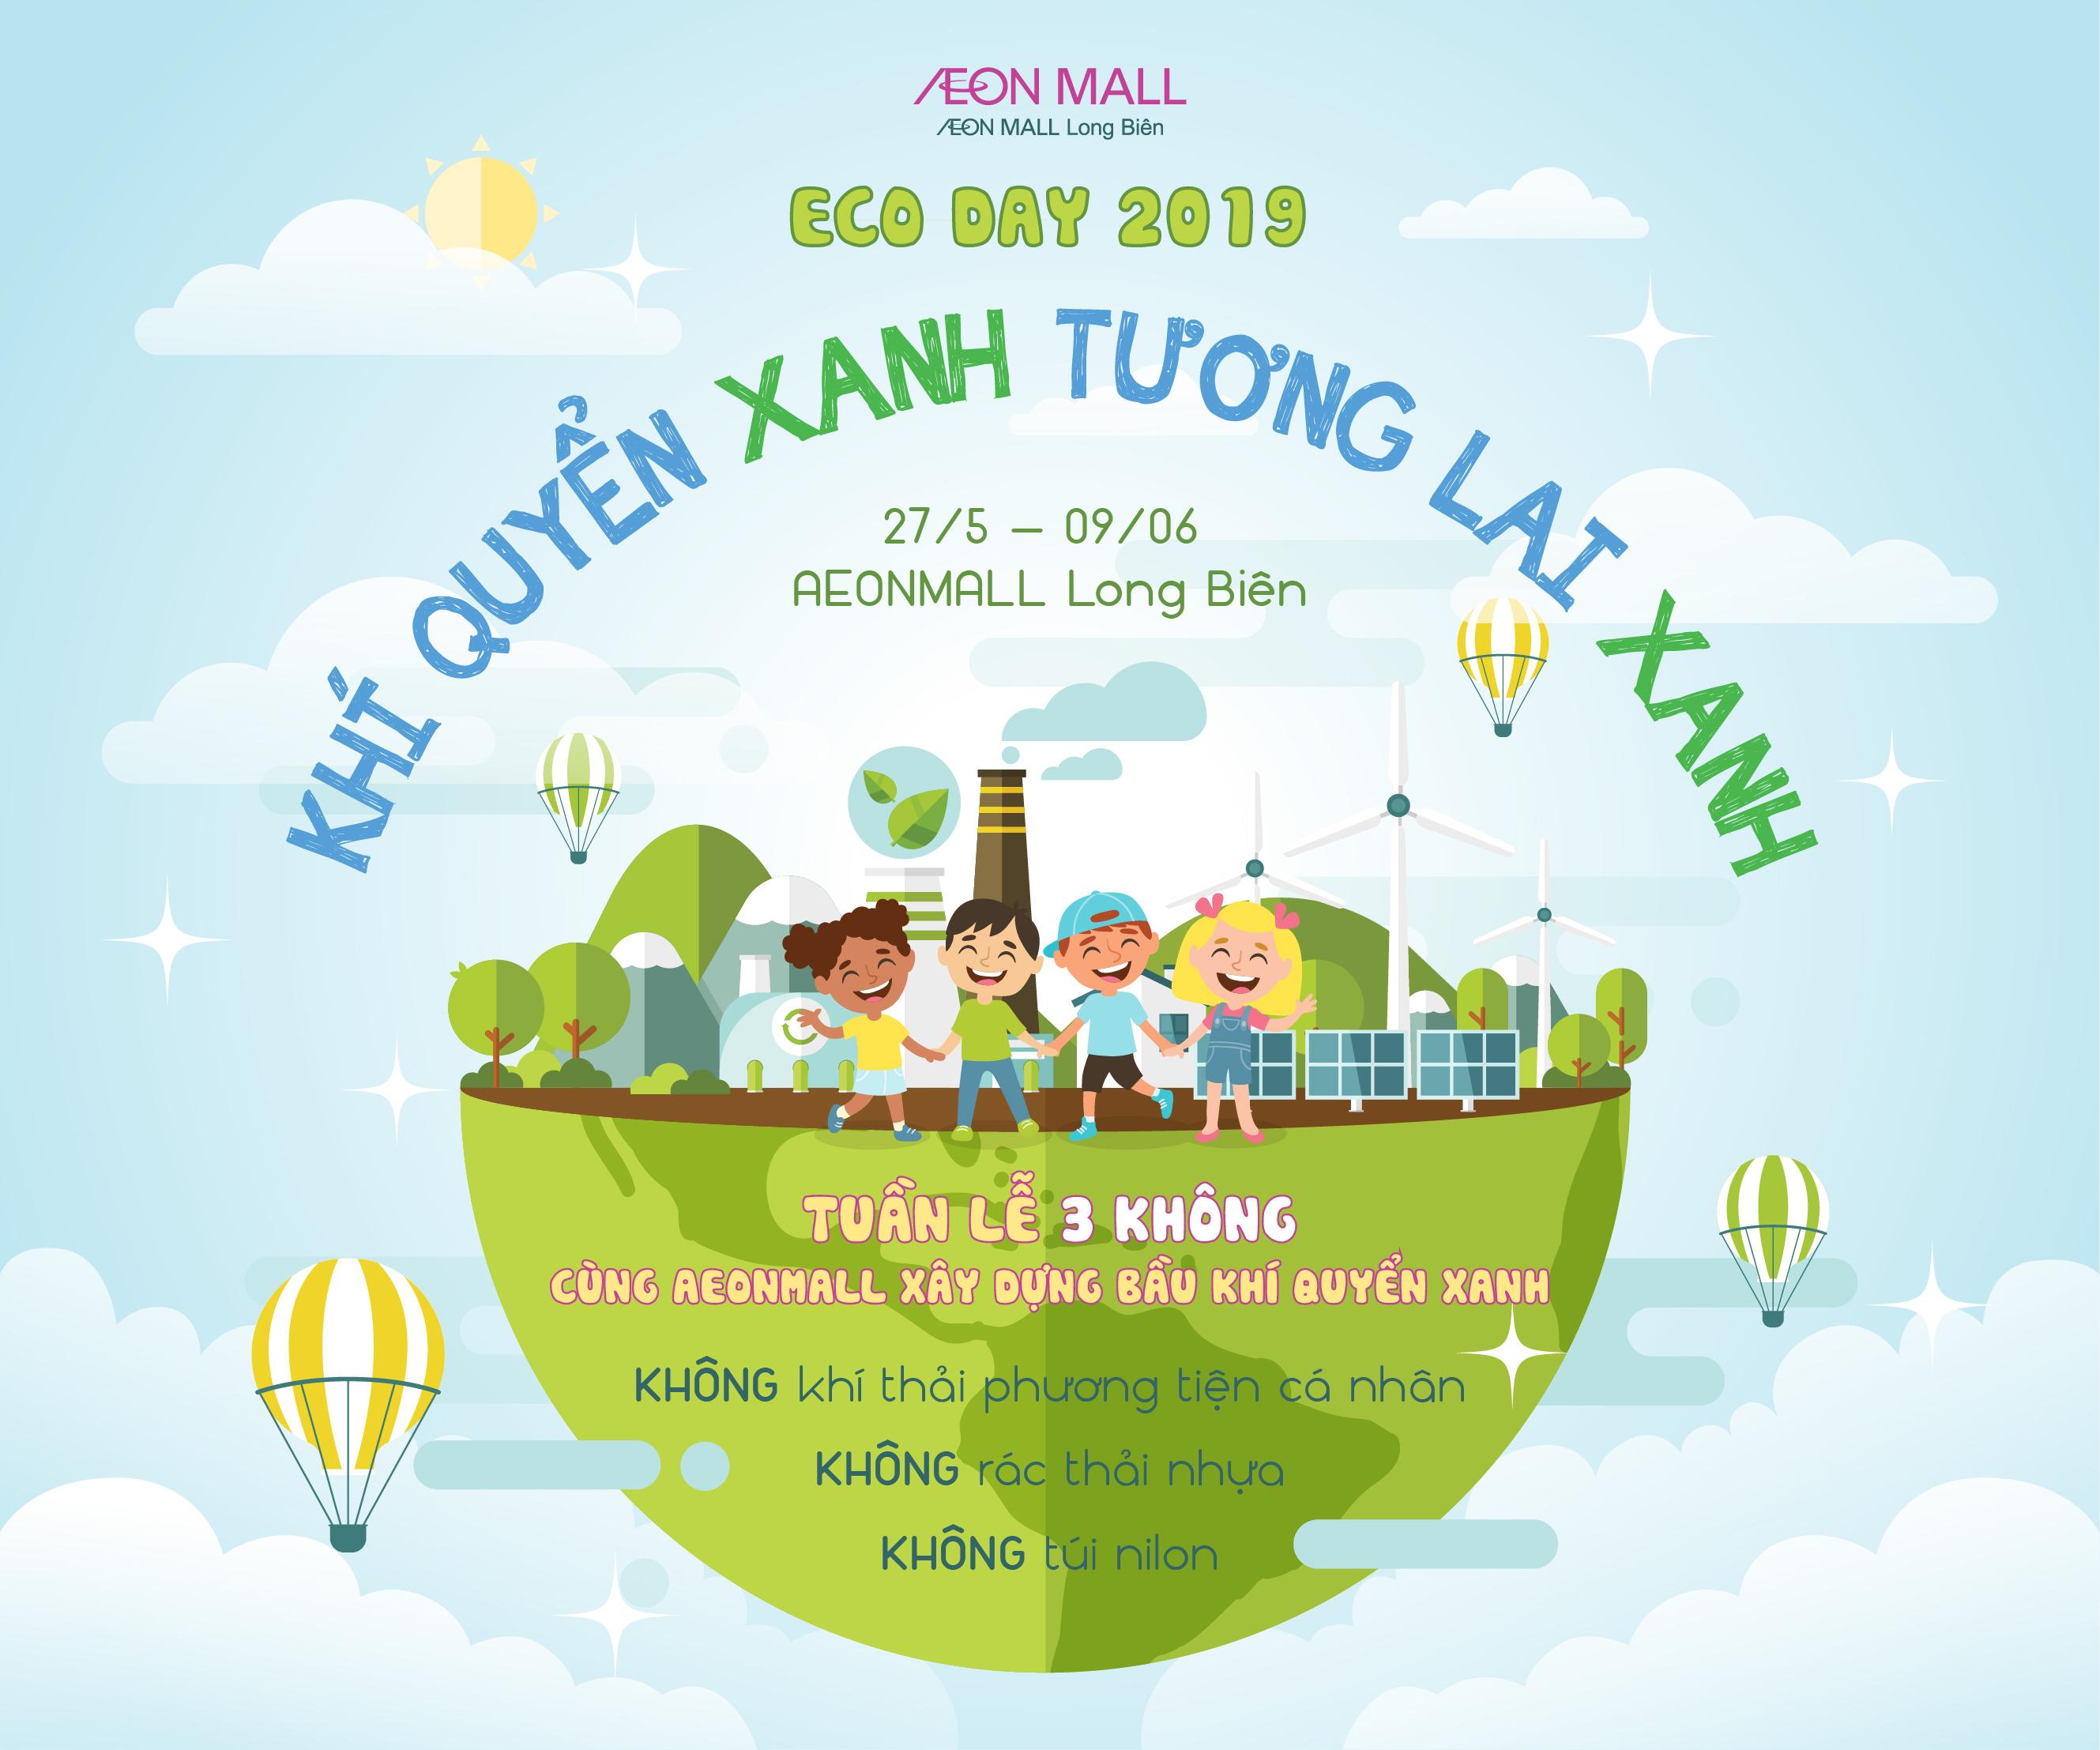 Sự kiện tại AEONMALL LONG BIÊN - Ecoday 2019 - Dựng khí quyển xanh - Giữ tương lai xanh